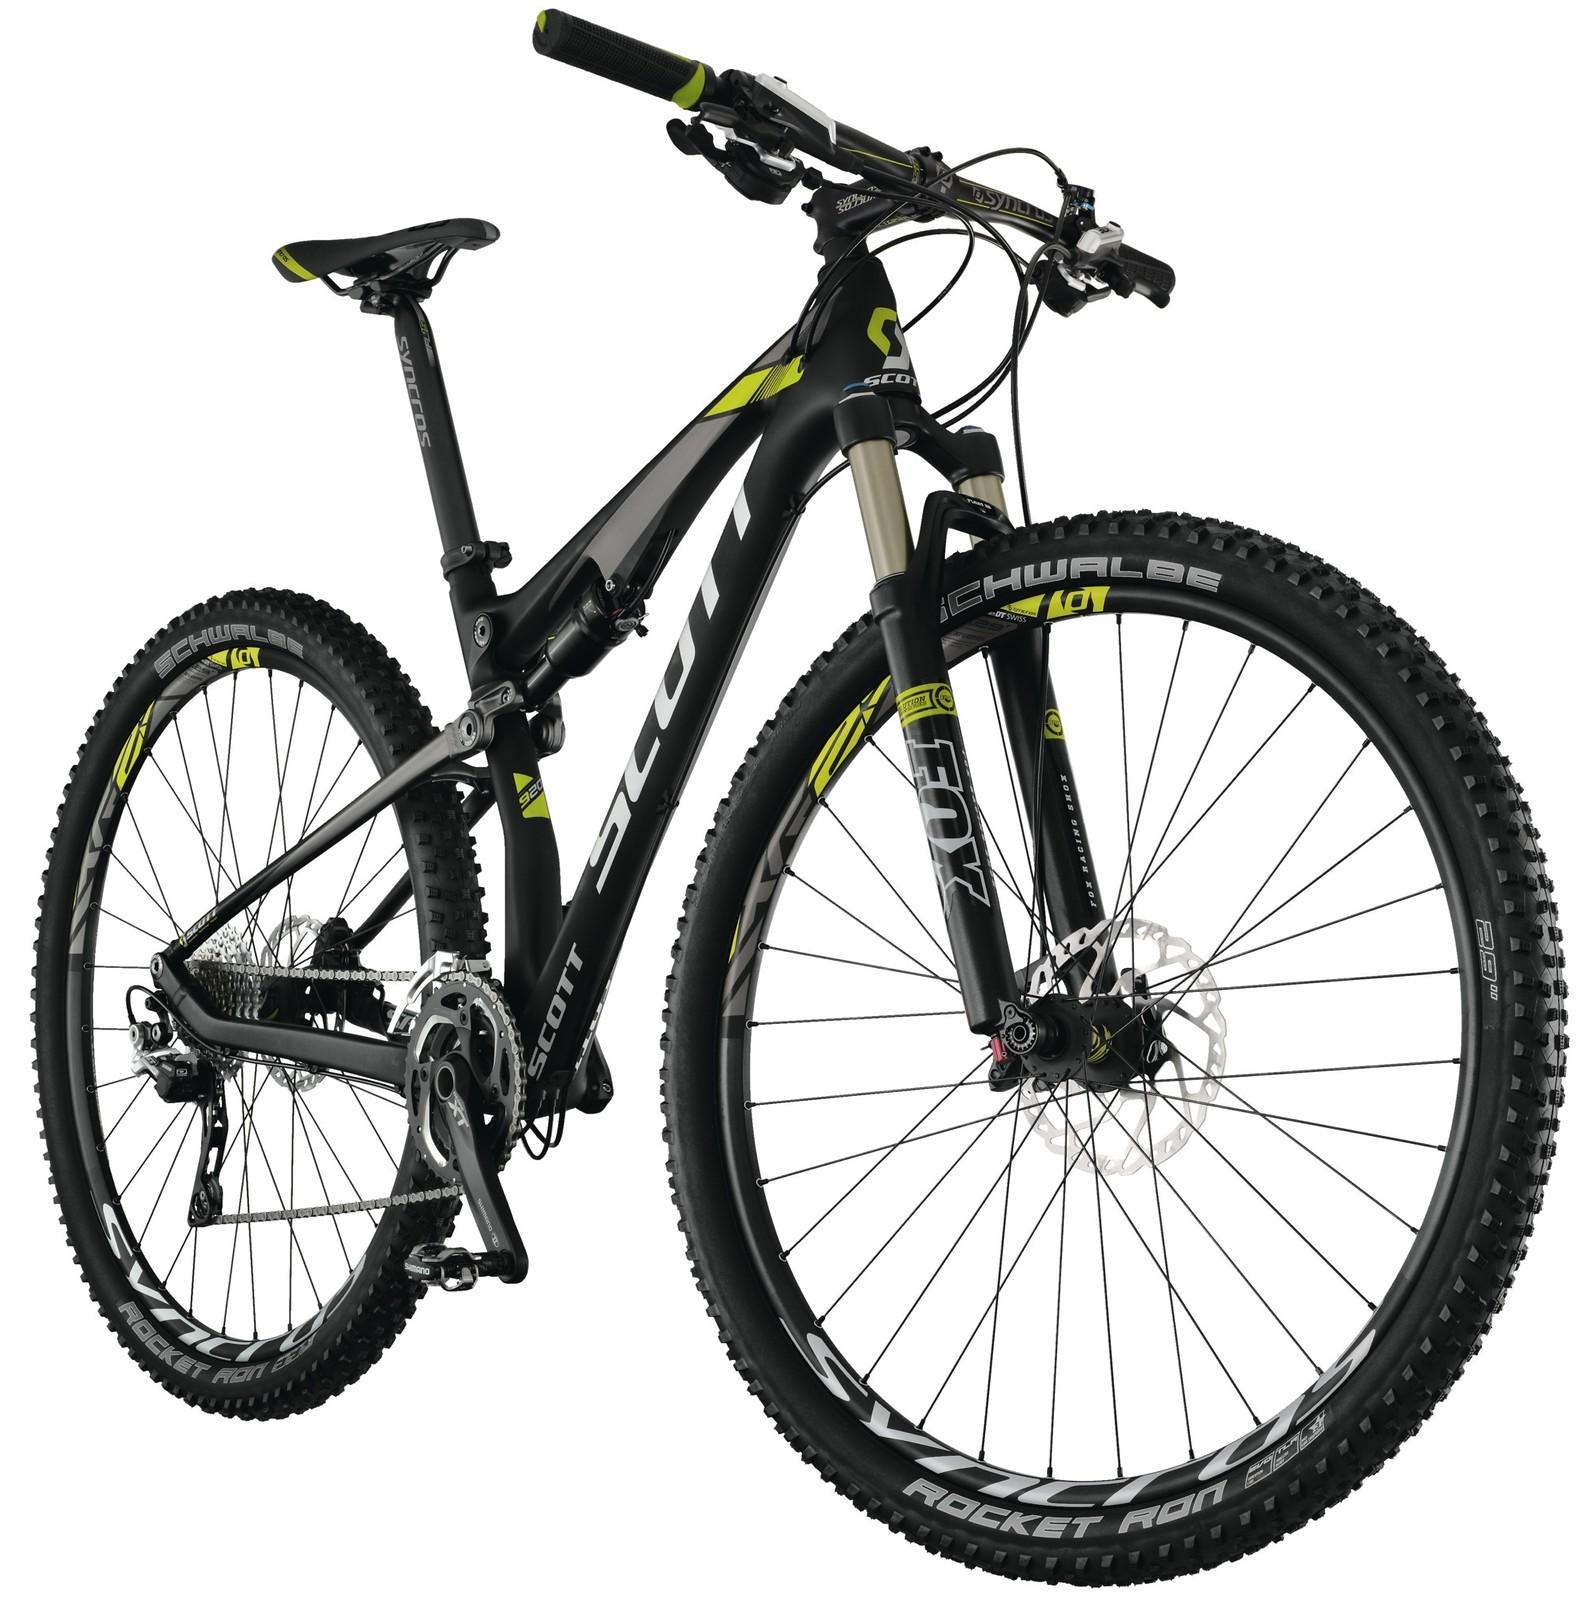 2013 scott spark 920 bike   reviews comparisons specs